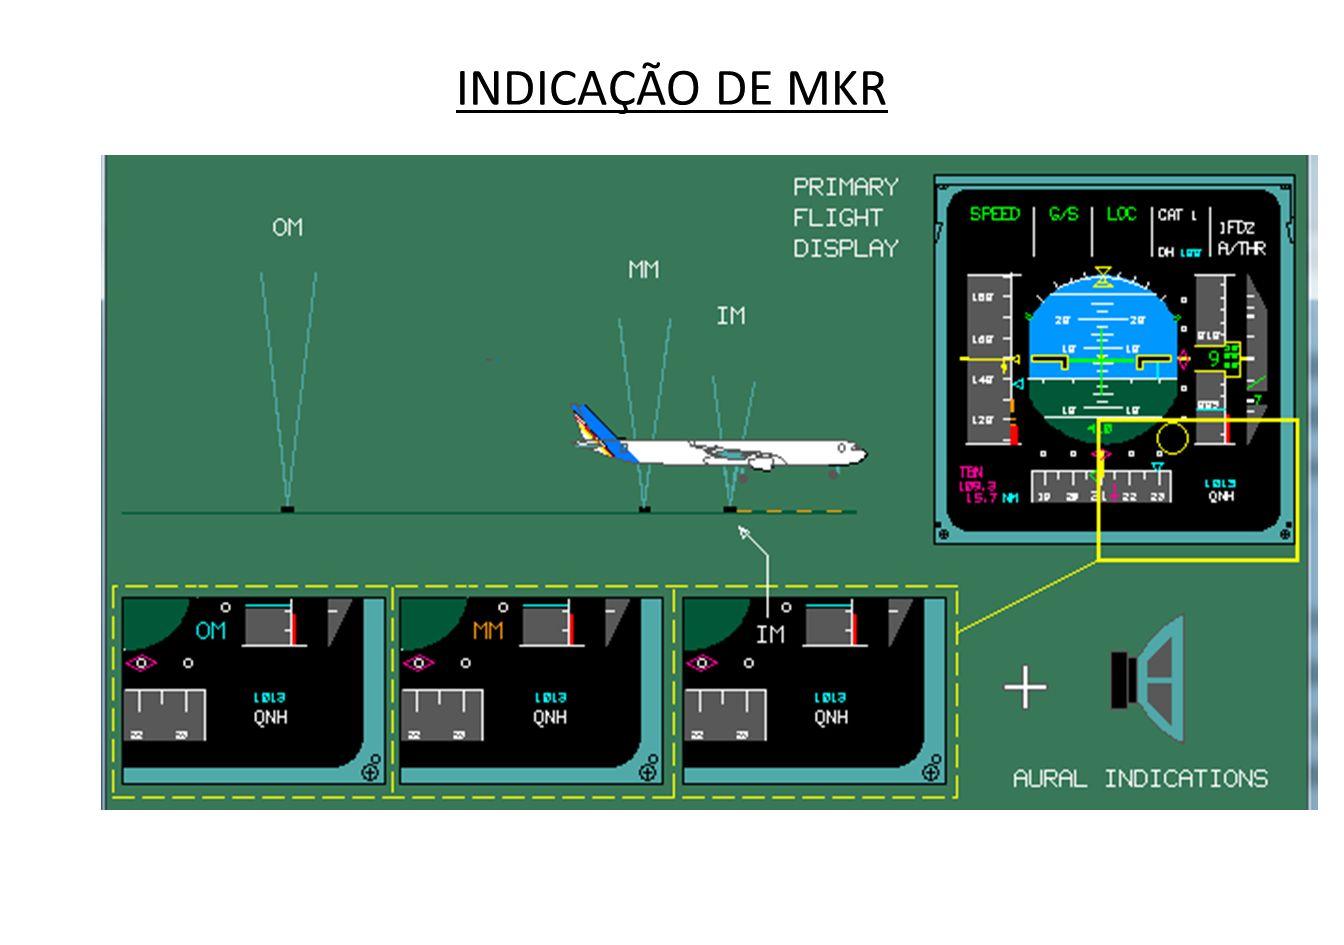 DME (Distance Measuring Equipment) Fornece uma indicação visual constante da distância que o avião se encontra de uma estação de terra.